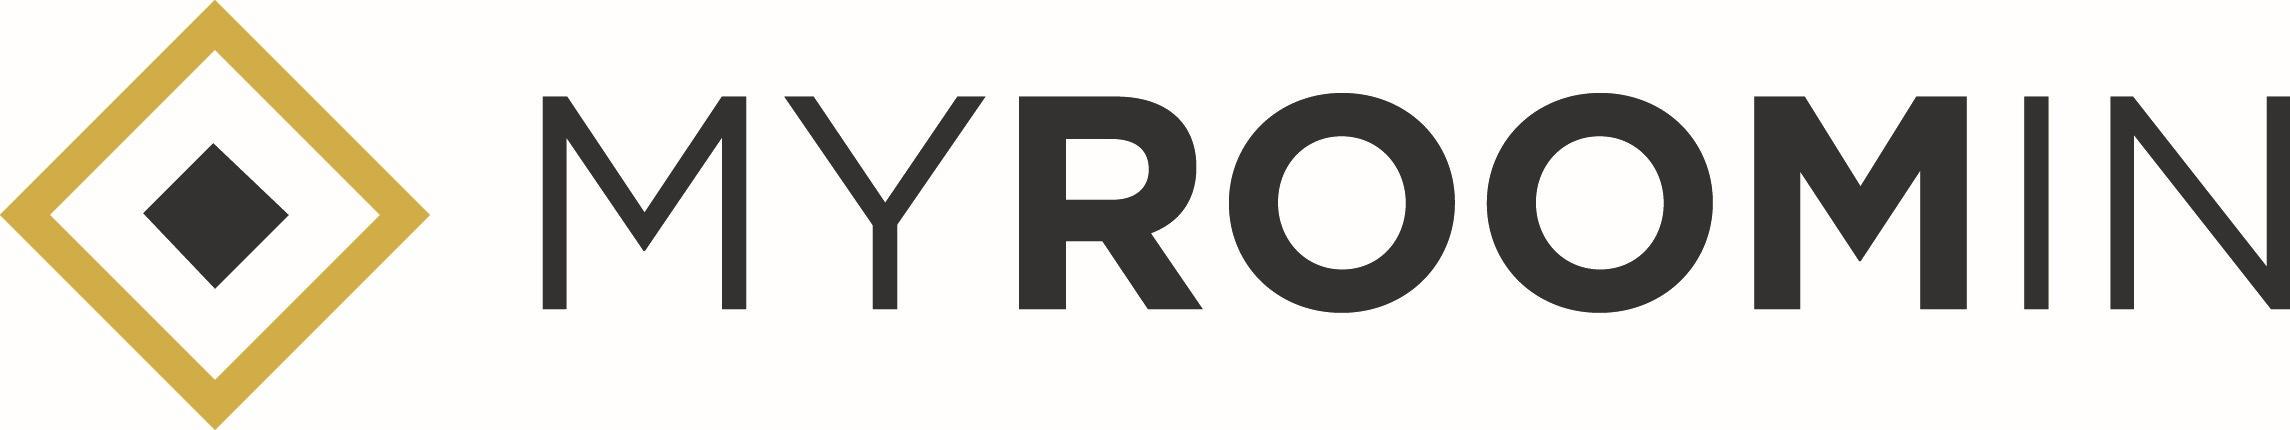 Myroomin